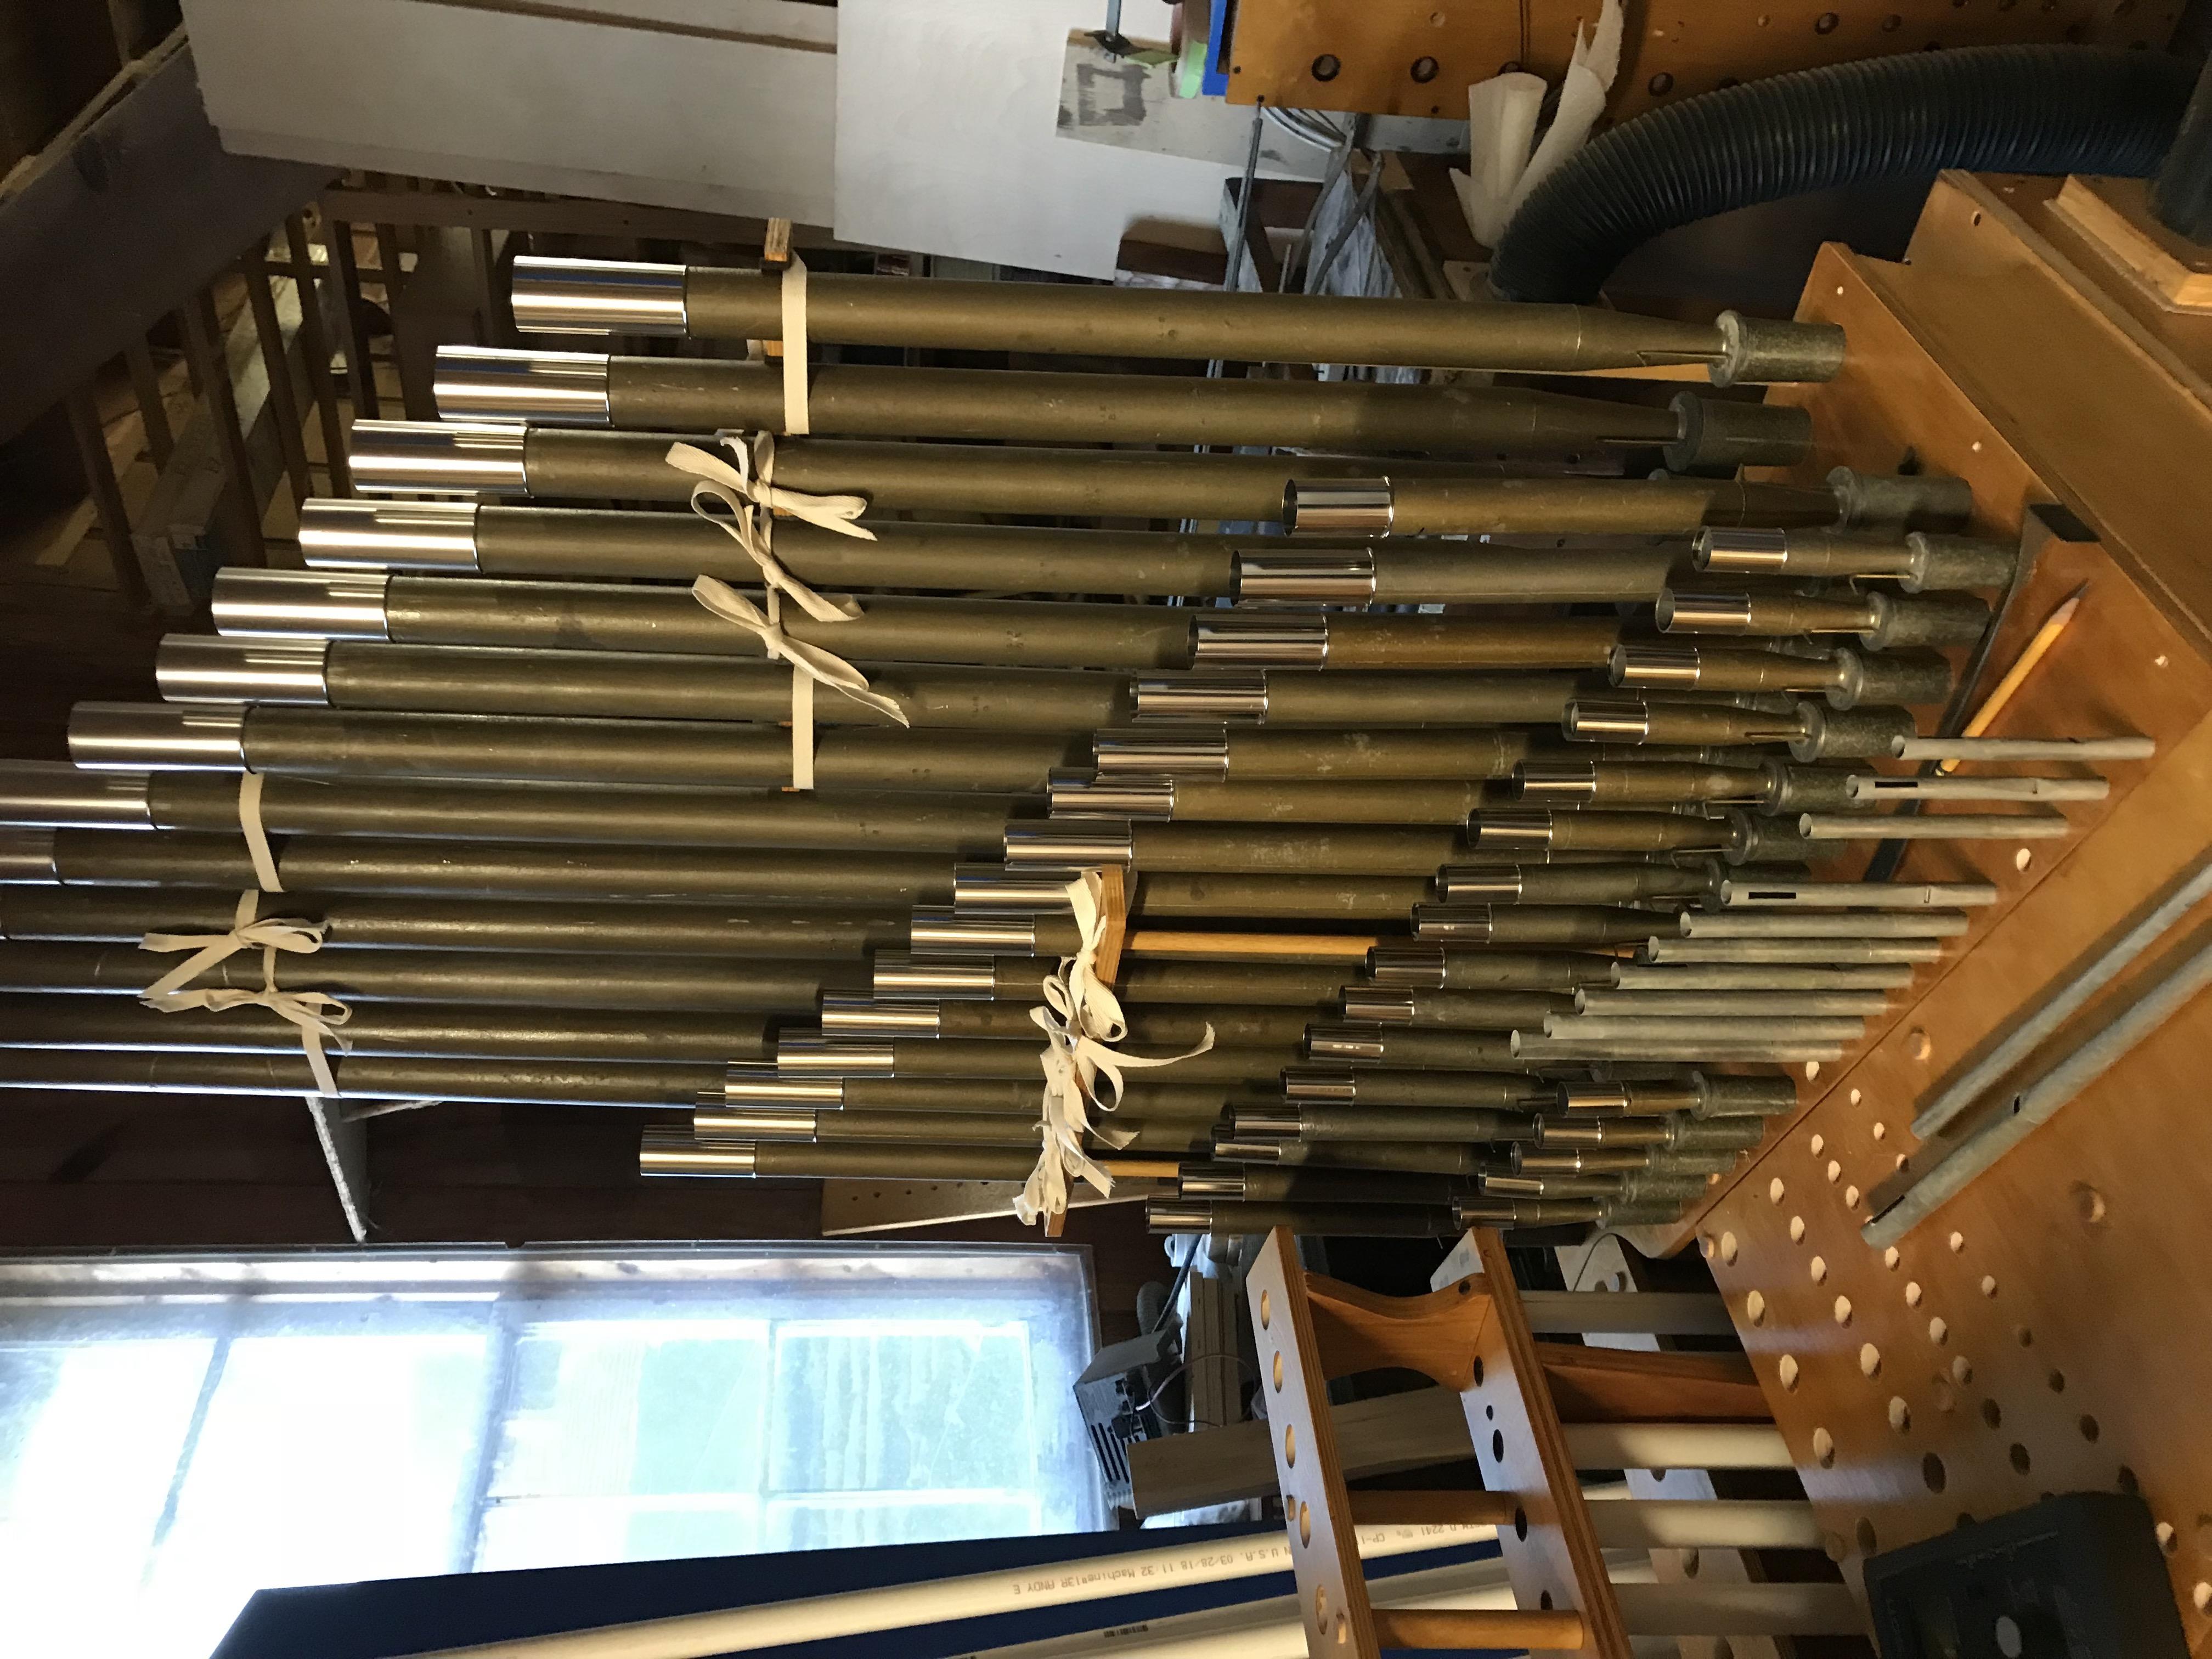 Choir pipes